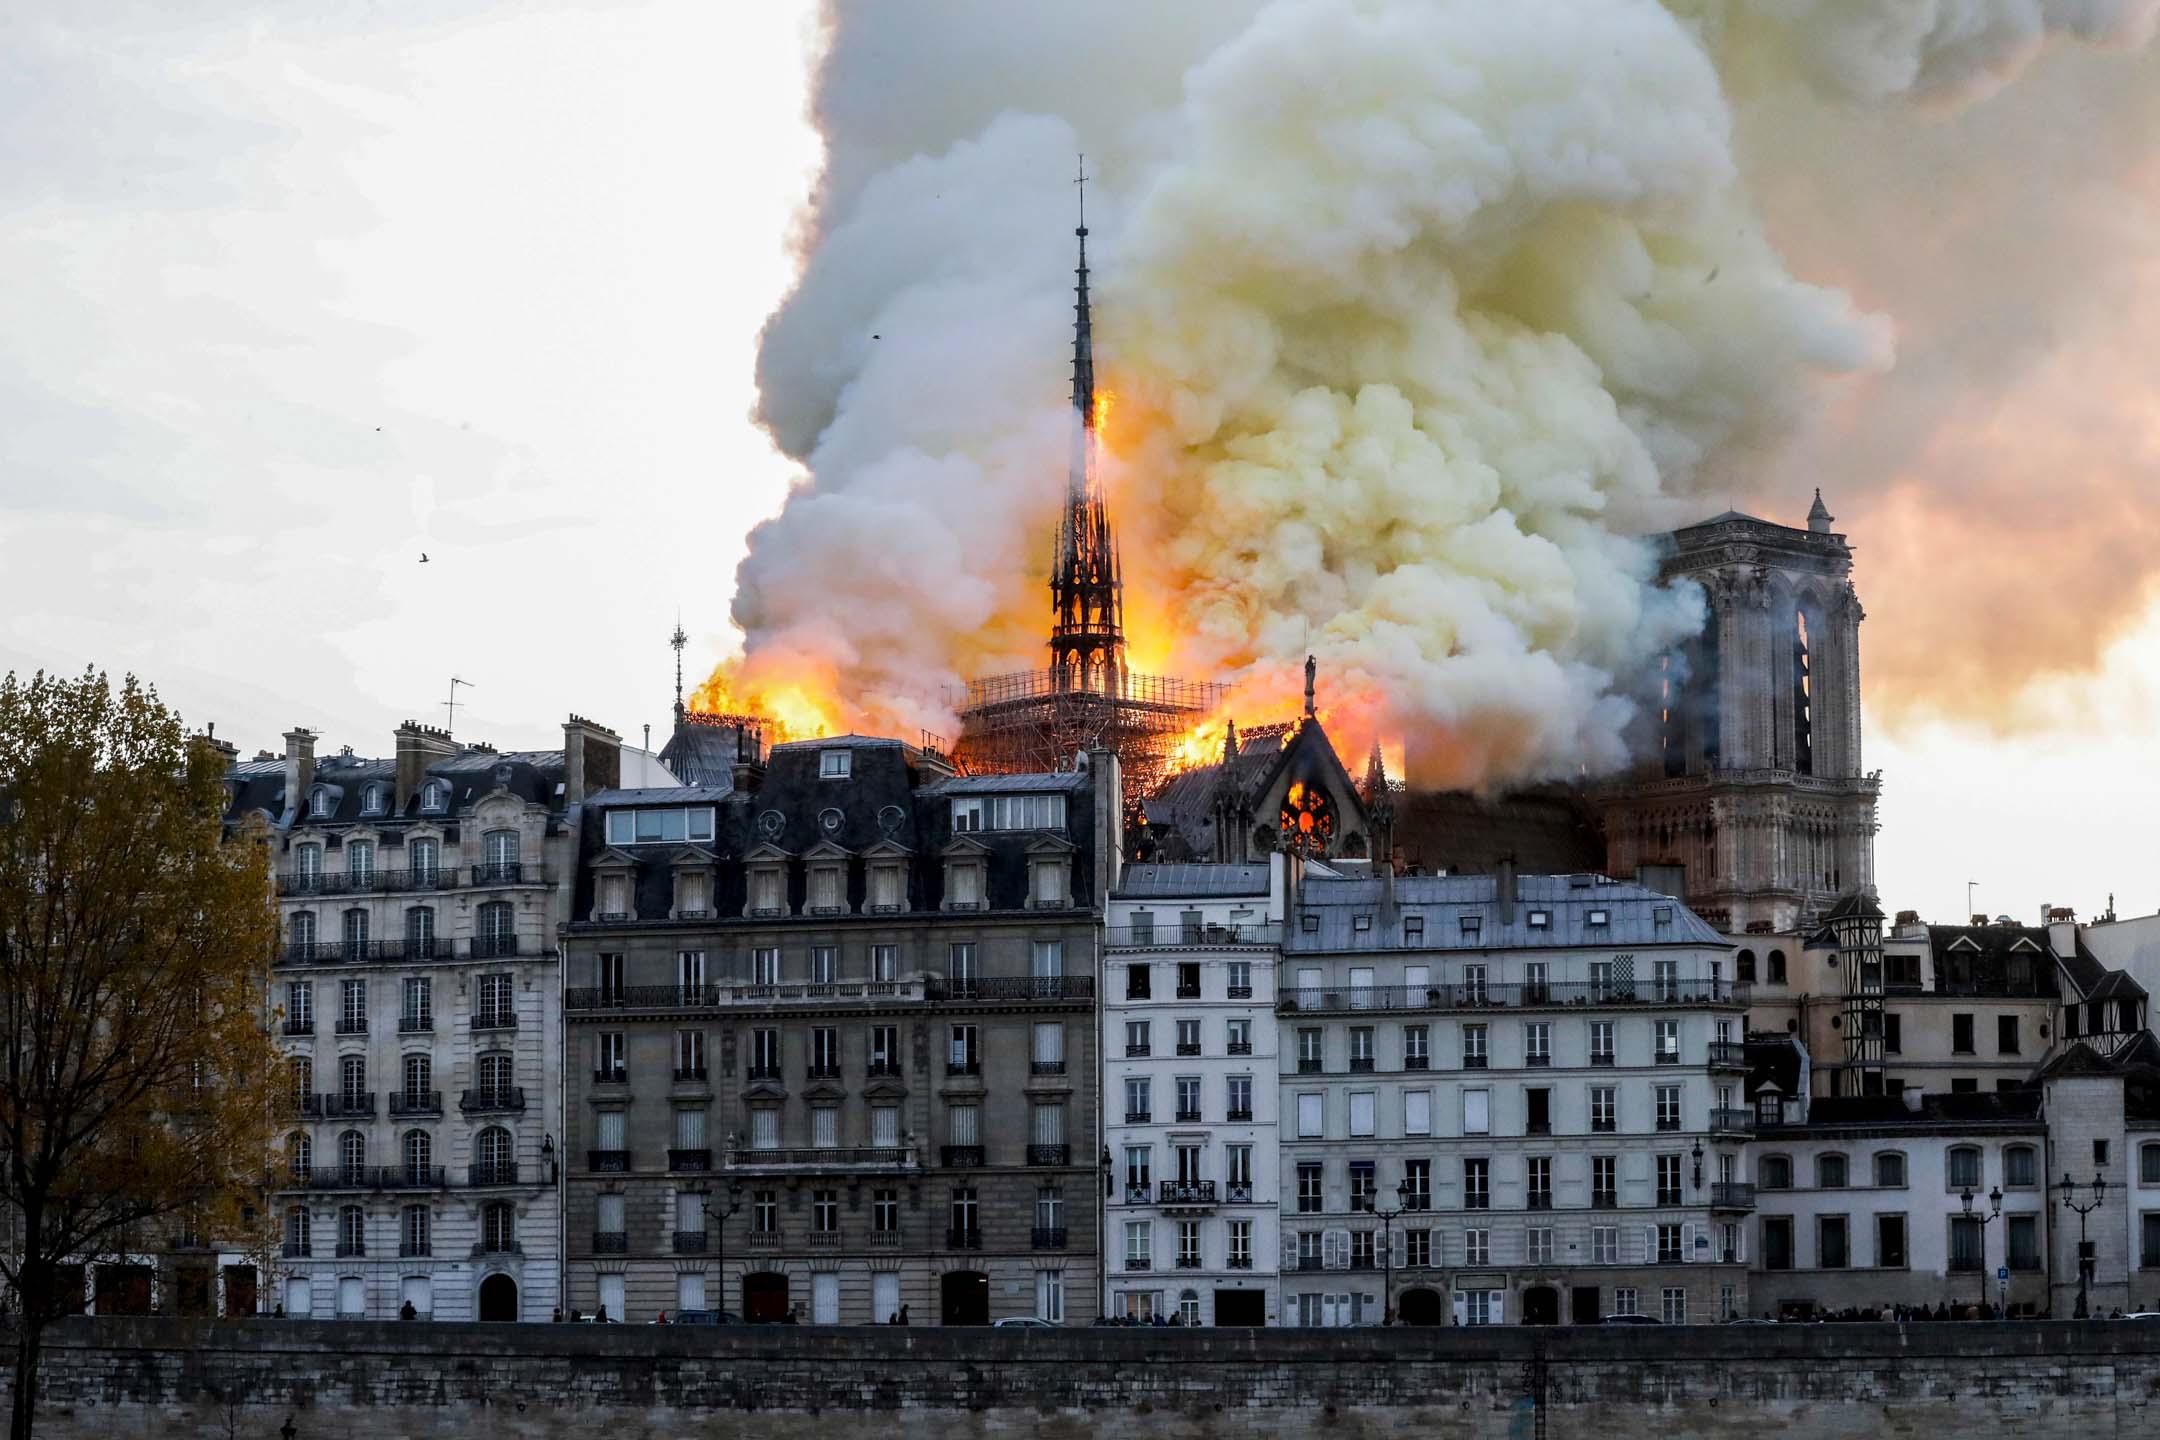 2019年4月15日,法國巴黎聖母院發生嚴重火災,有官員表示火災可能與近日正在進行的翻修工程有關。 攝:Francois Guillot/AFP/Getty Images